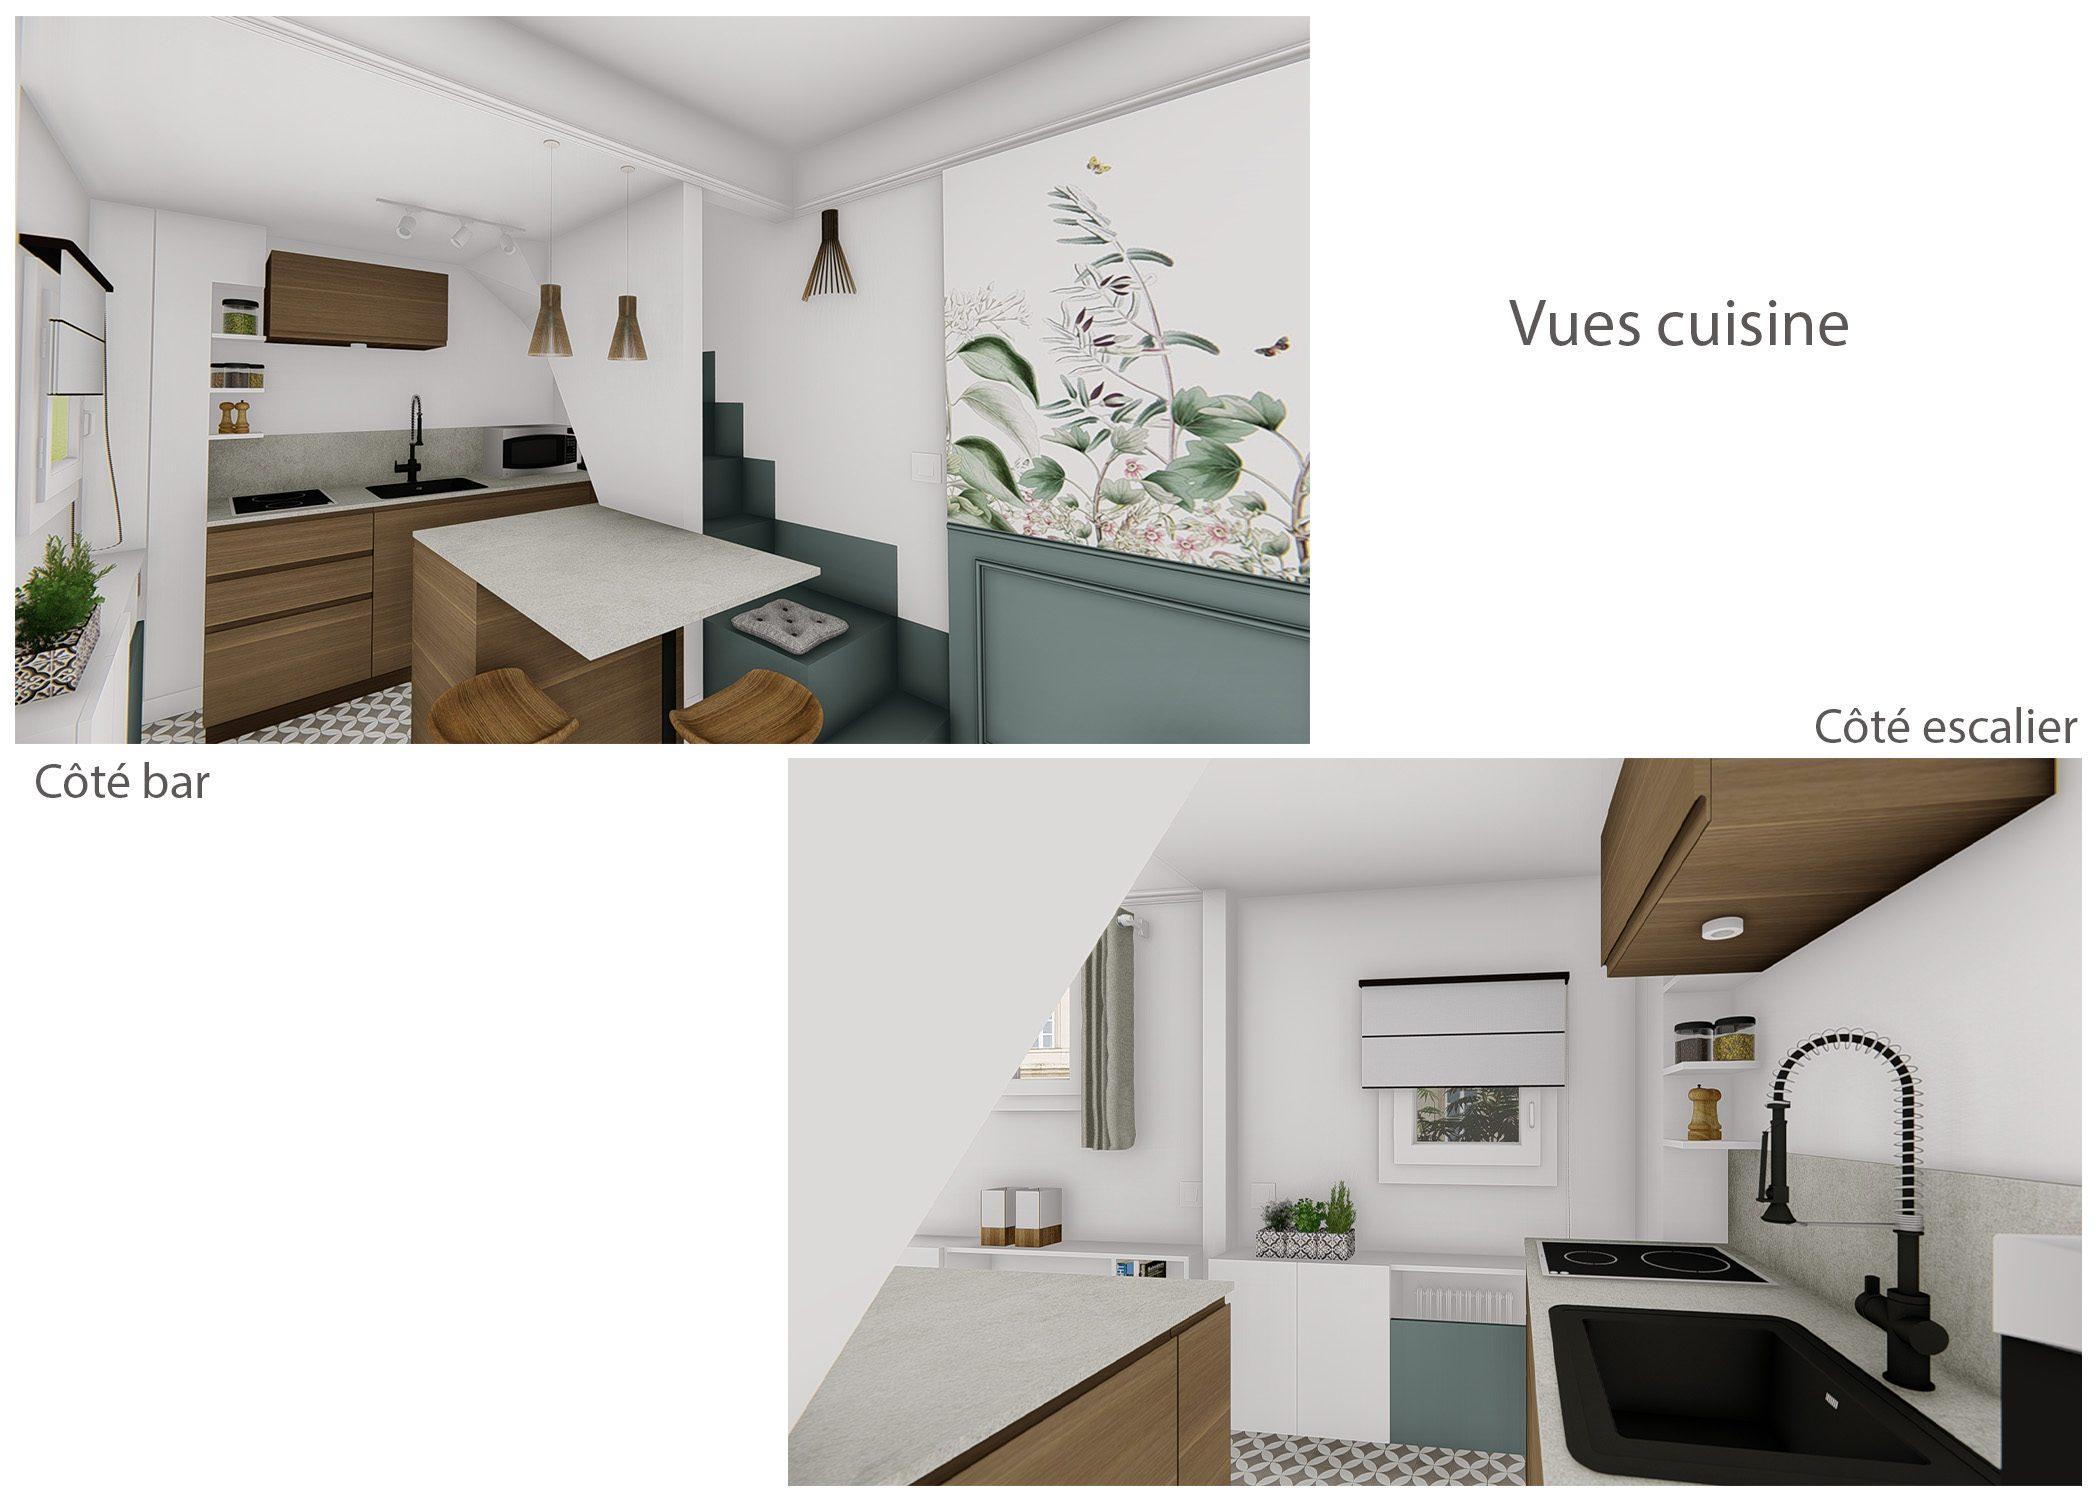 amenagement-decoration-maisonnette-paris-vues cuisine-dekho design